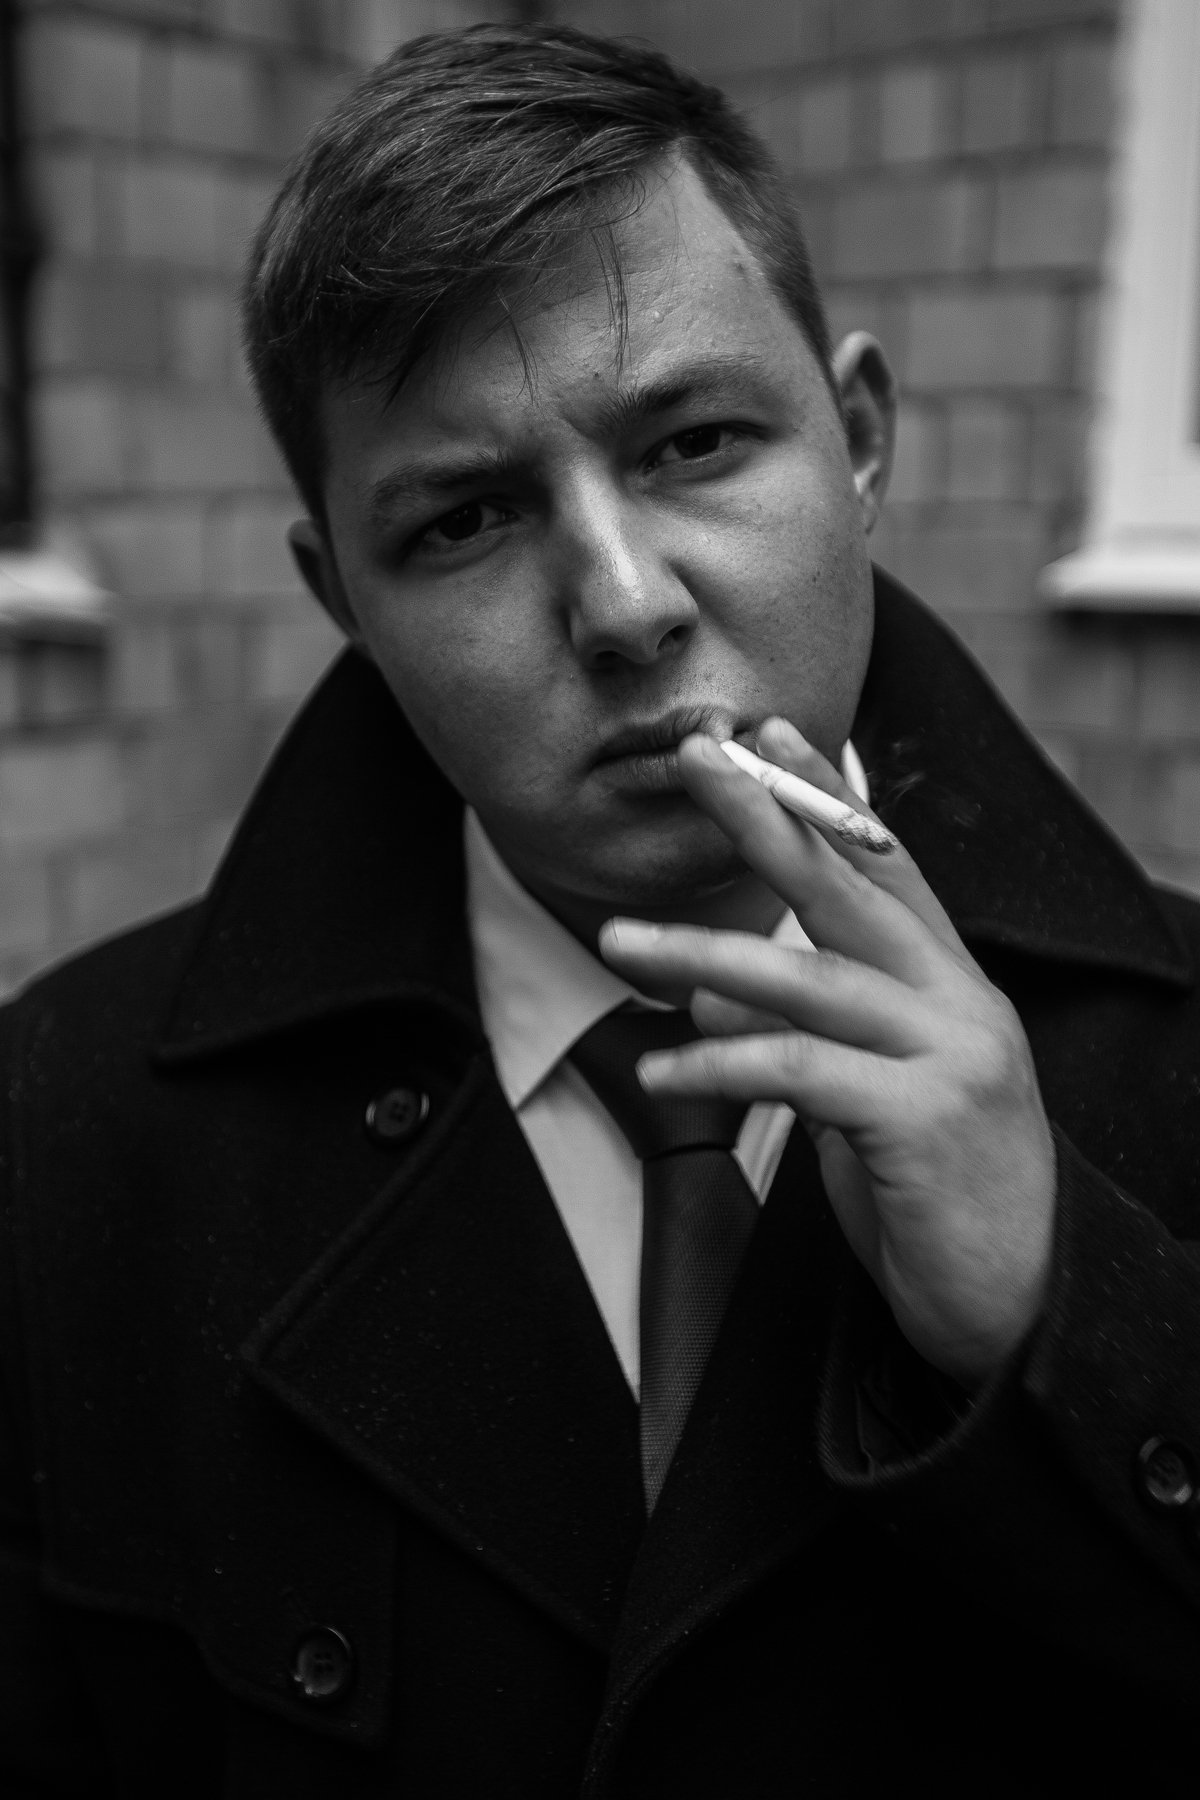 мужик, парень, курит, сигарета, пальто, рубашка, углы, линии, композиция, свет, взгляд, руки,, Иванов Юрий